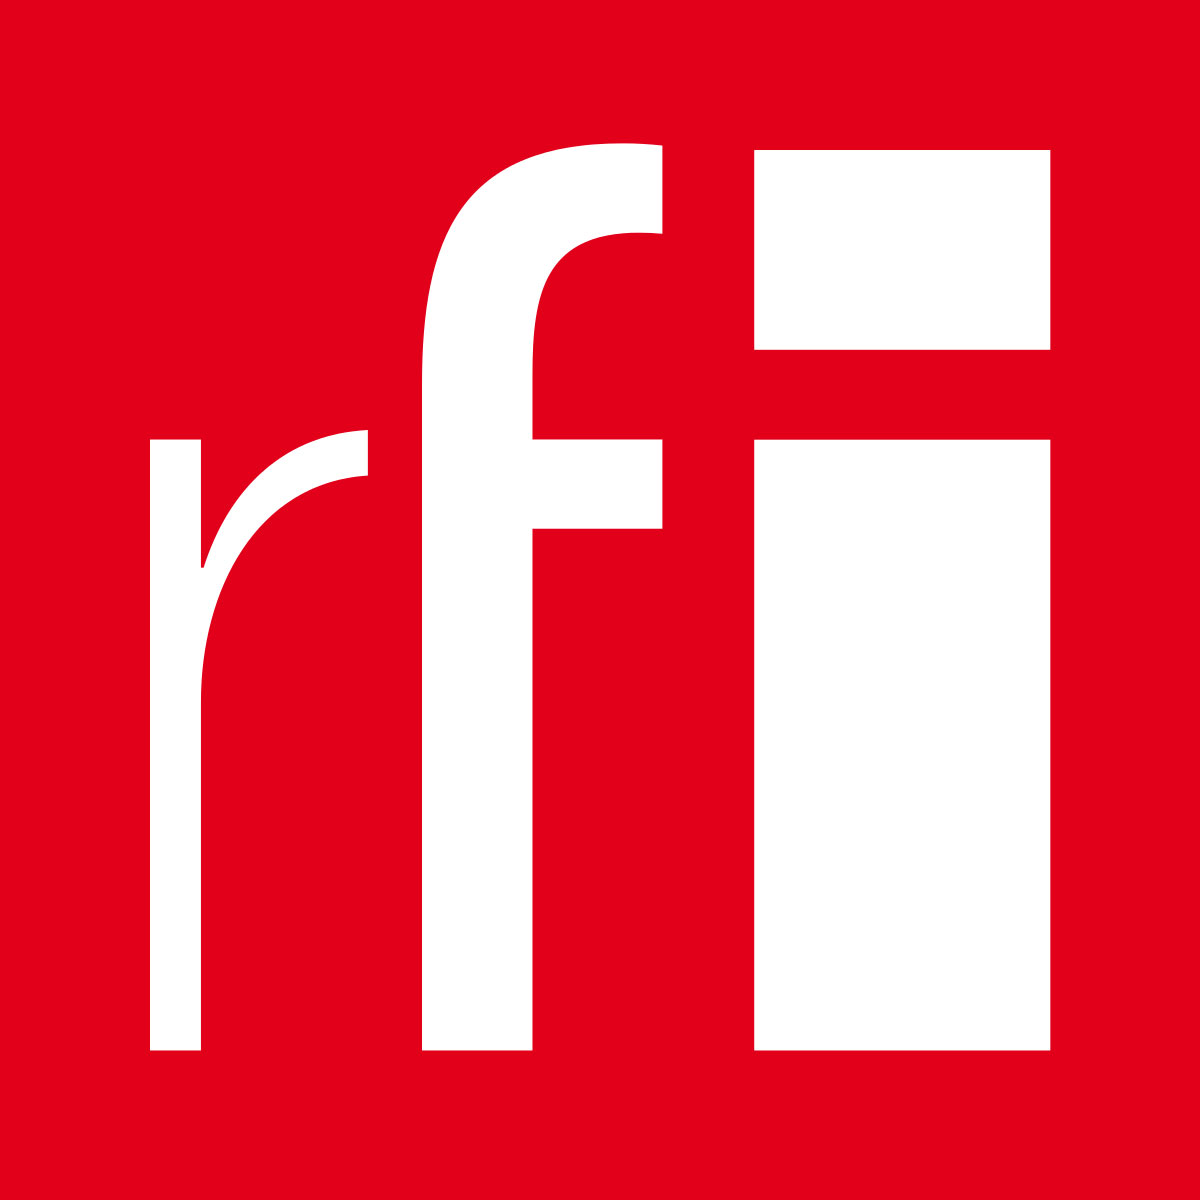 Entrevista de Radio Francia Internacional: Cine y terapia